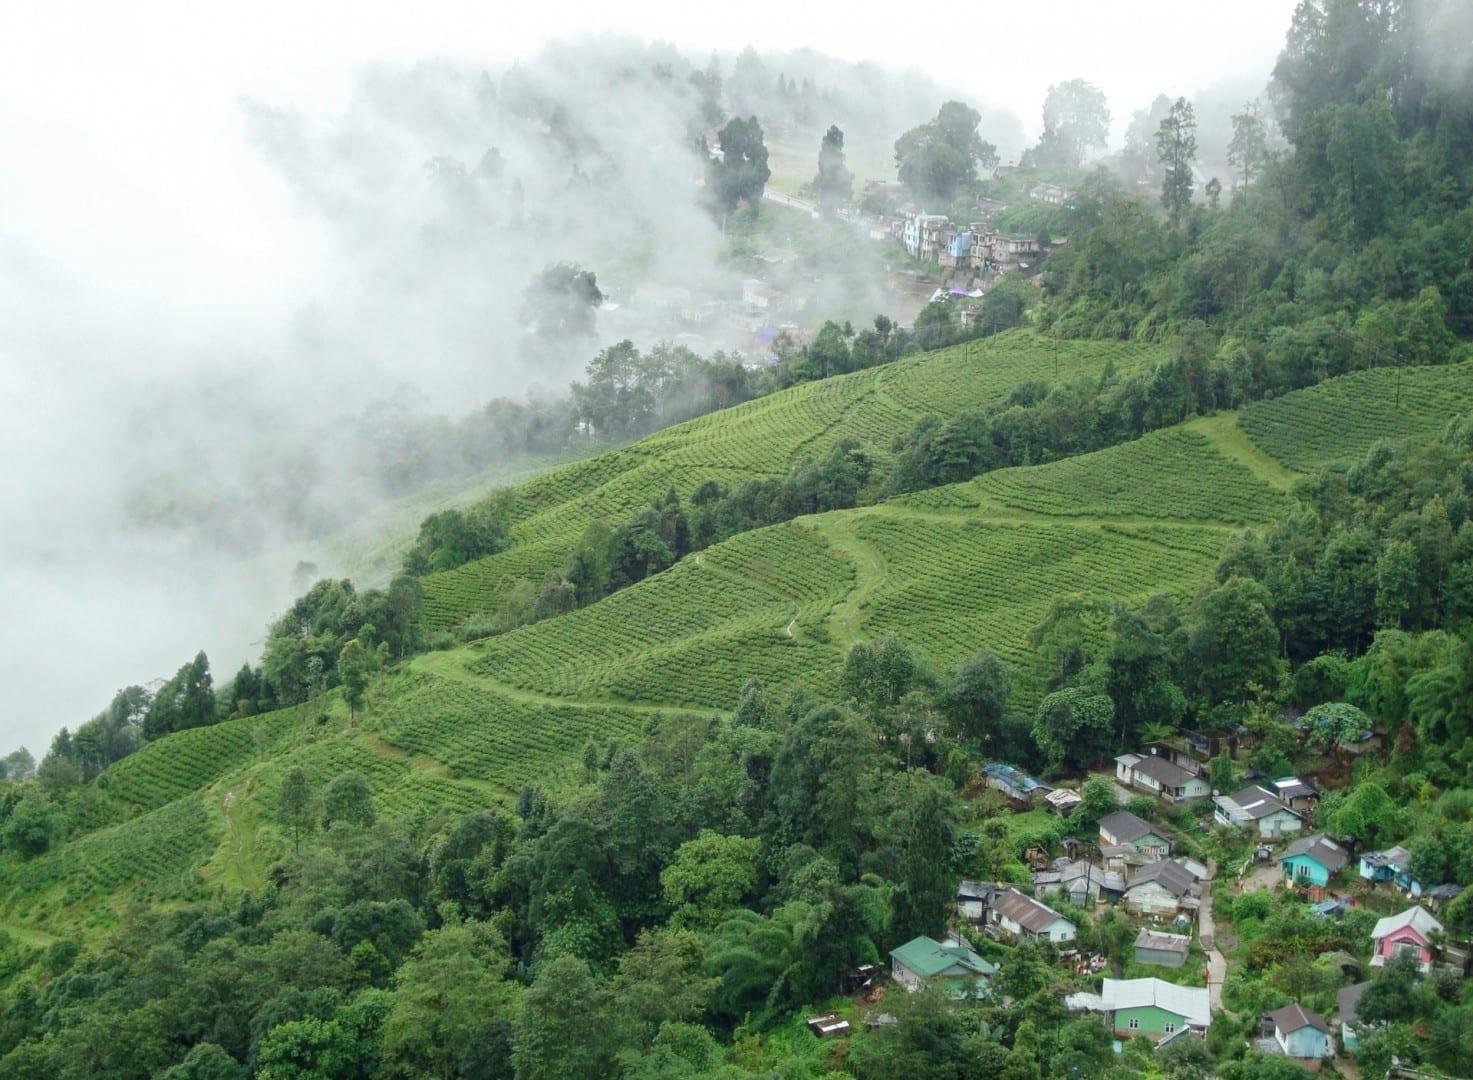 Los jardines de té de Darjeeling Darjeeling India